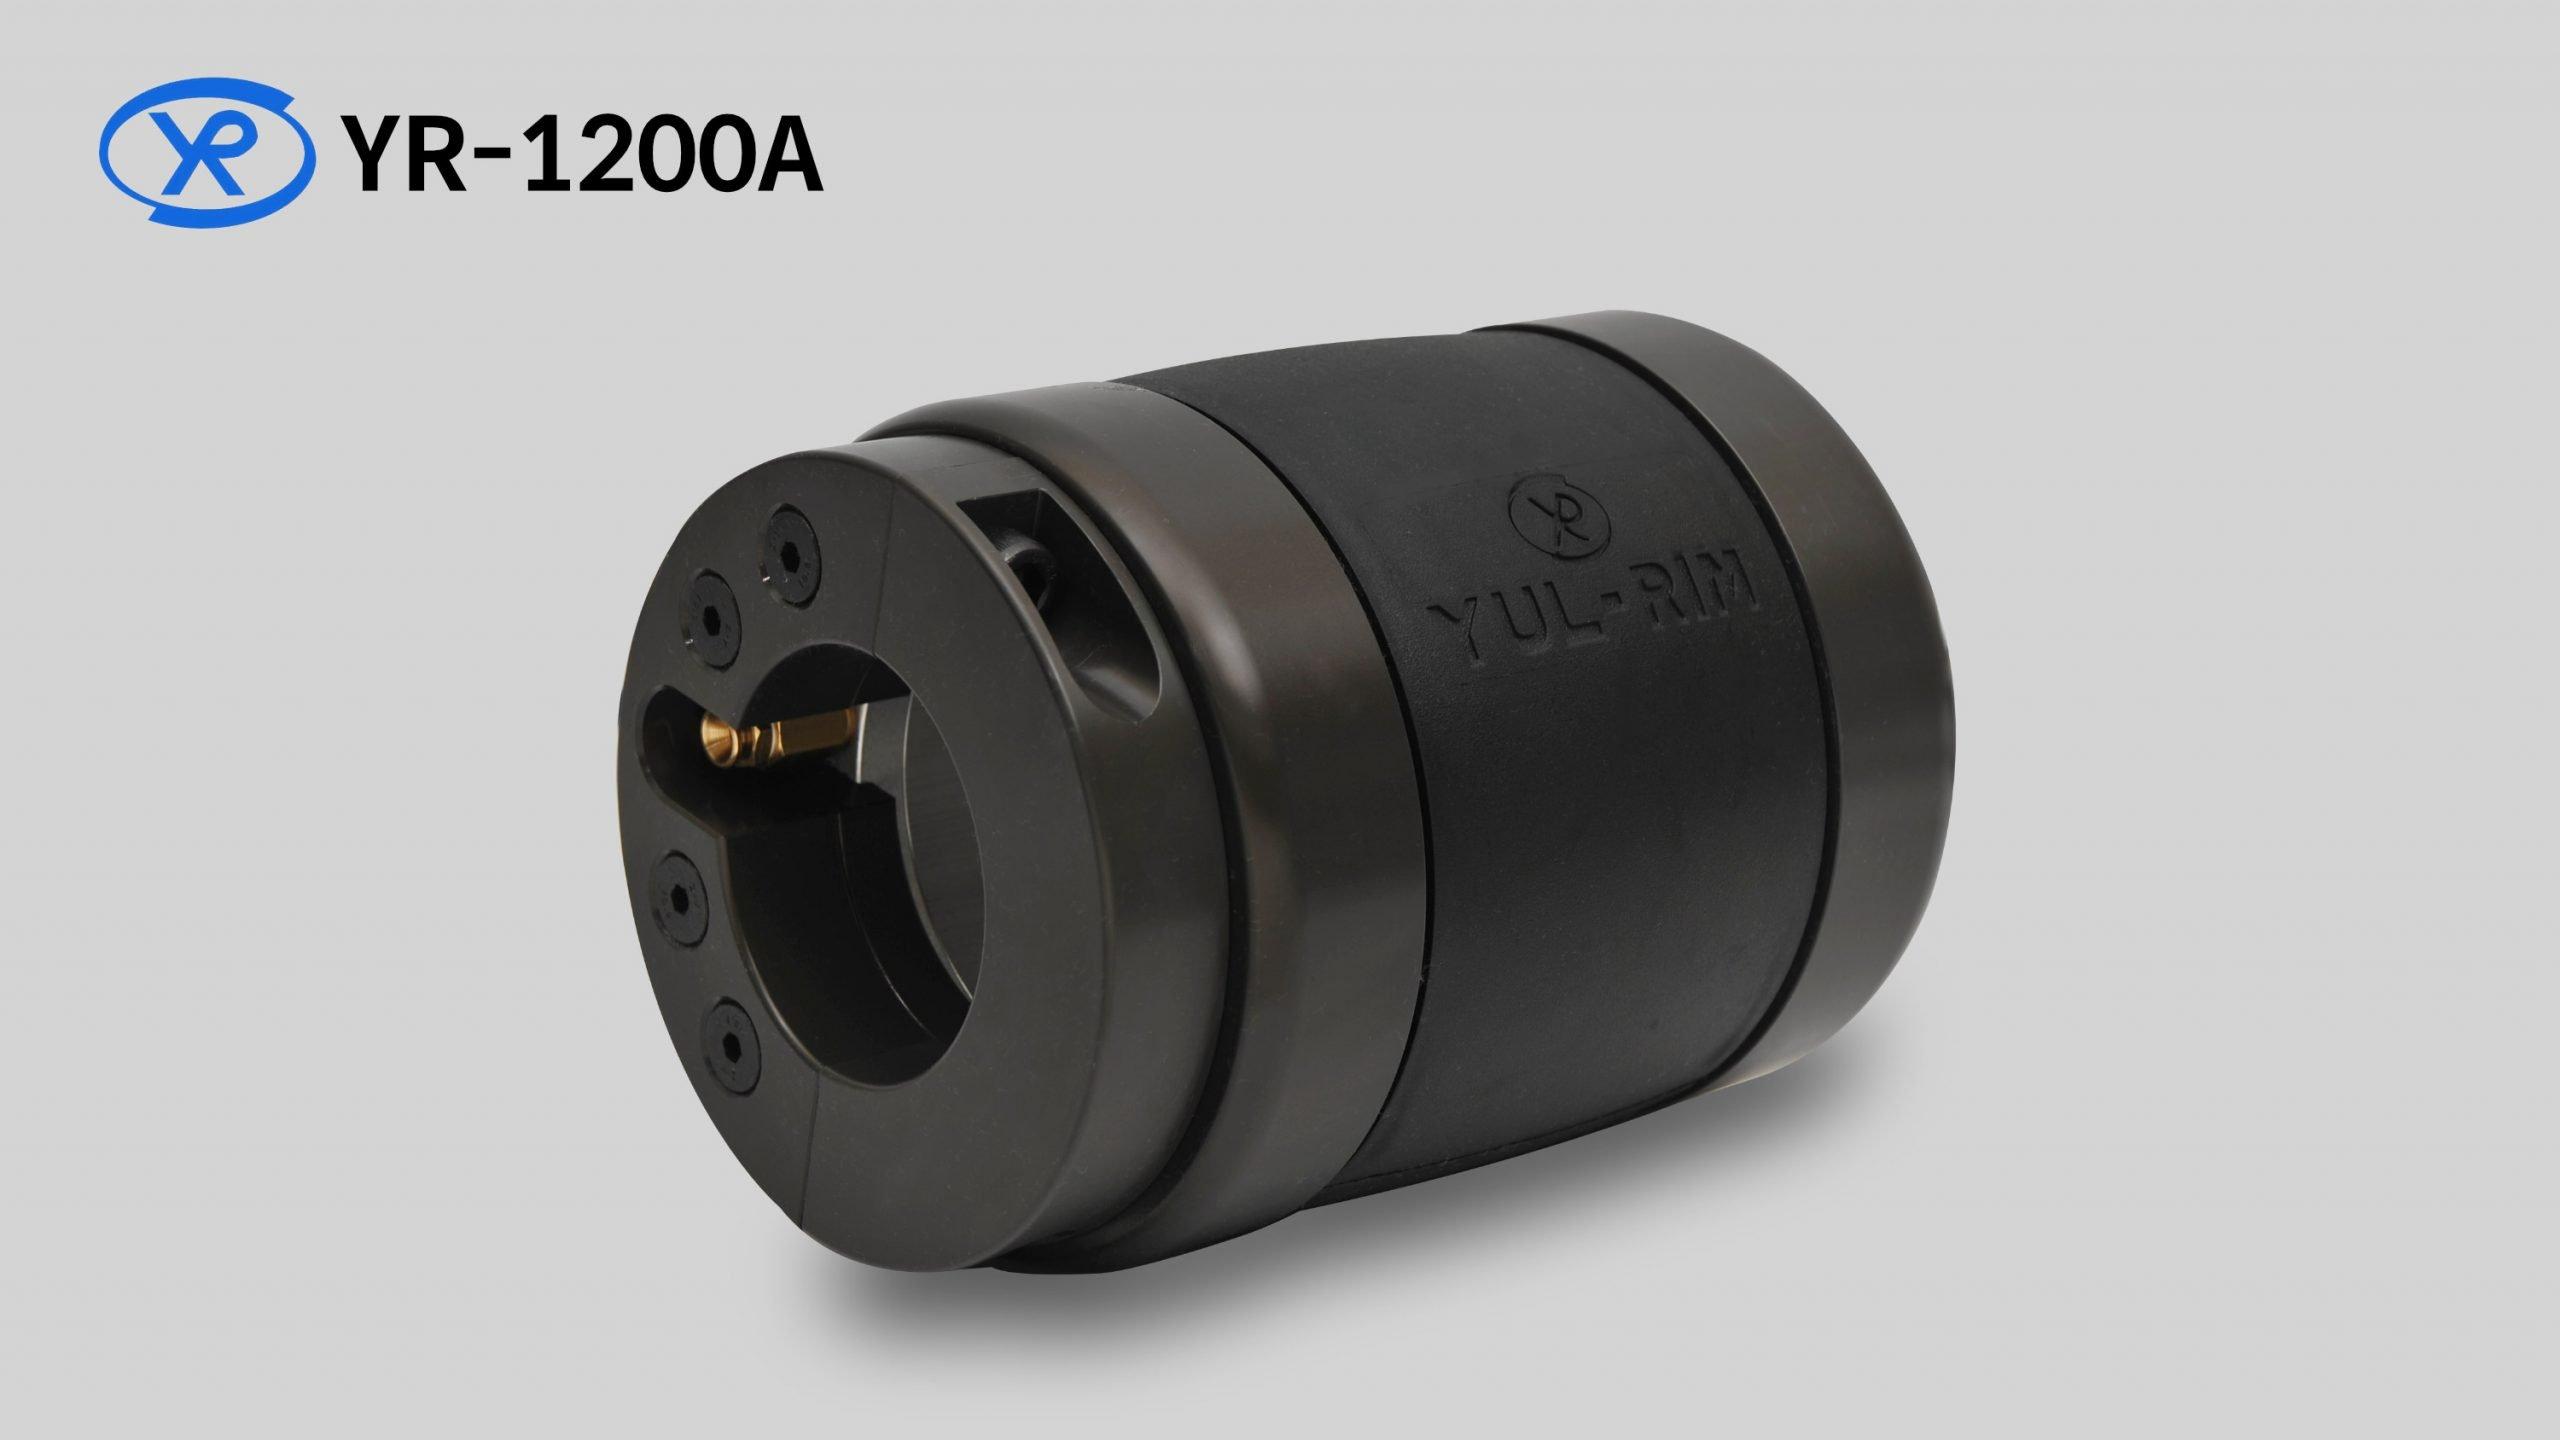 YR-1200A